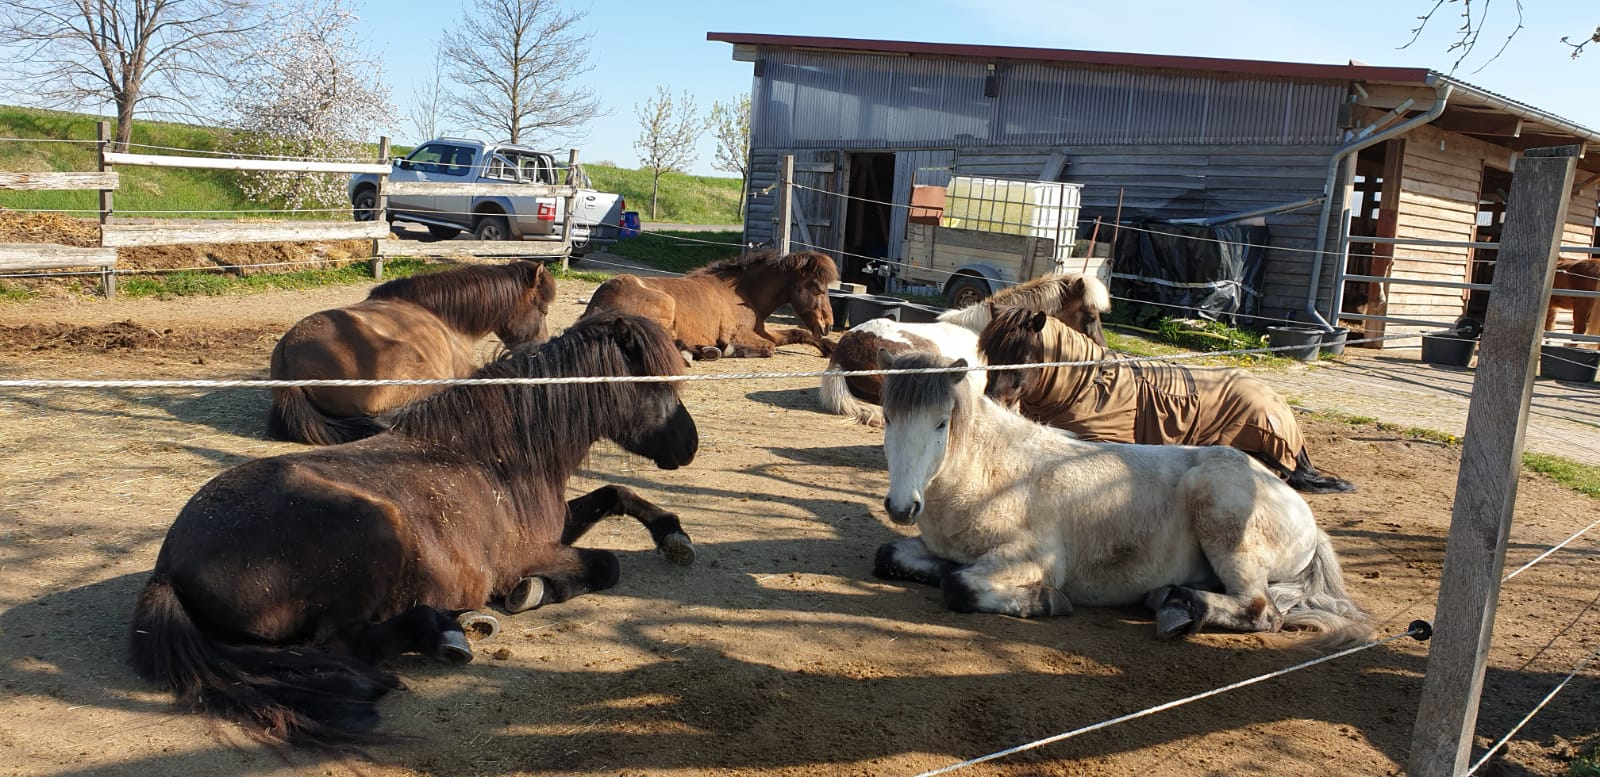 Pferdepension Gotha: Islandpferdehof Domäne mit kompletter Betreuung inklusive Tierarzt, Hufschmied, Auslauf und Beritt für Ihre Pferde